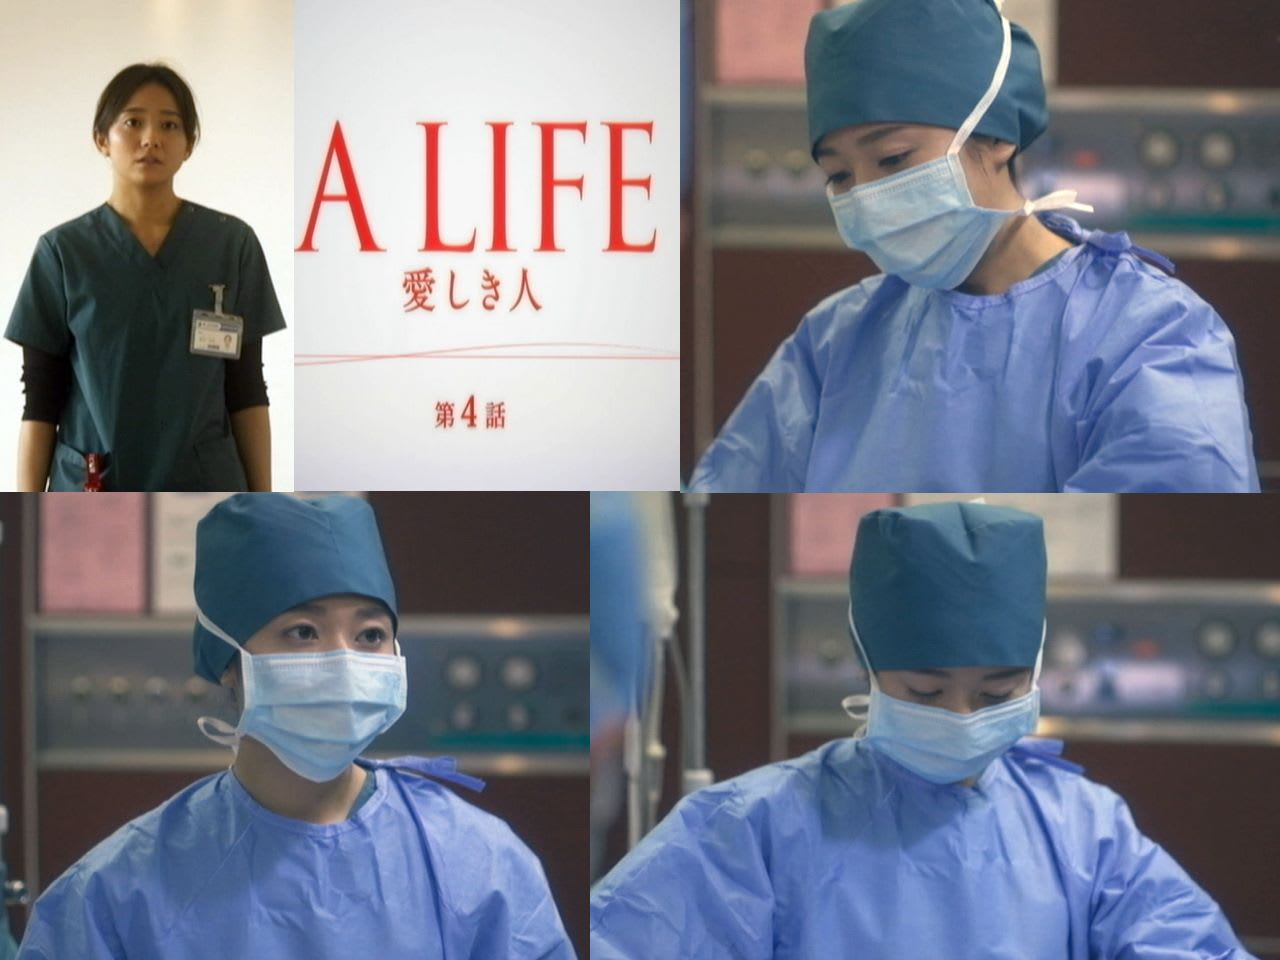 A LIFE〜愛しき人〜の画像 p1_36